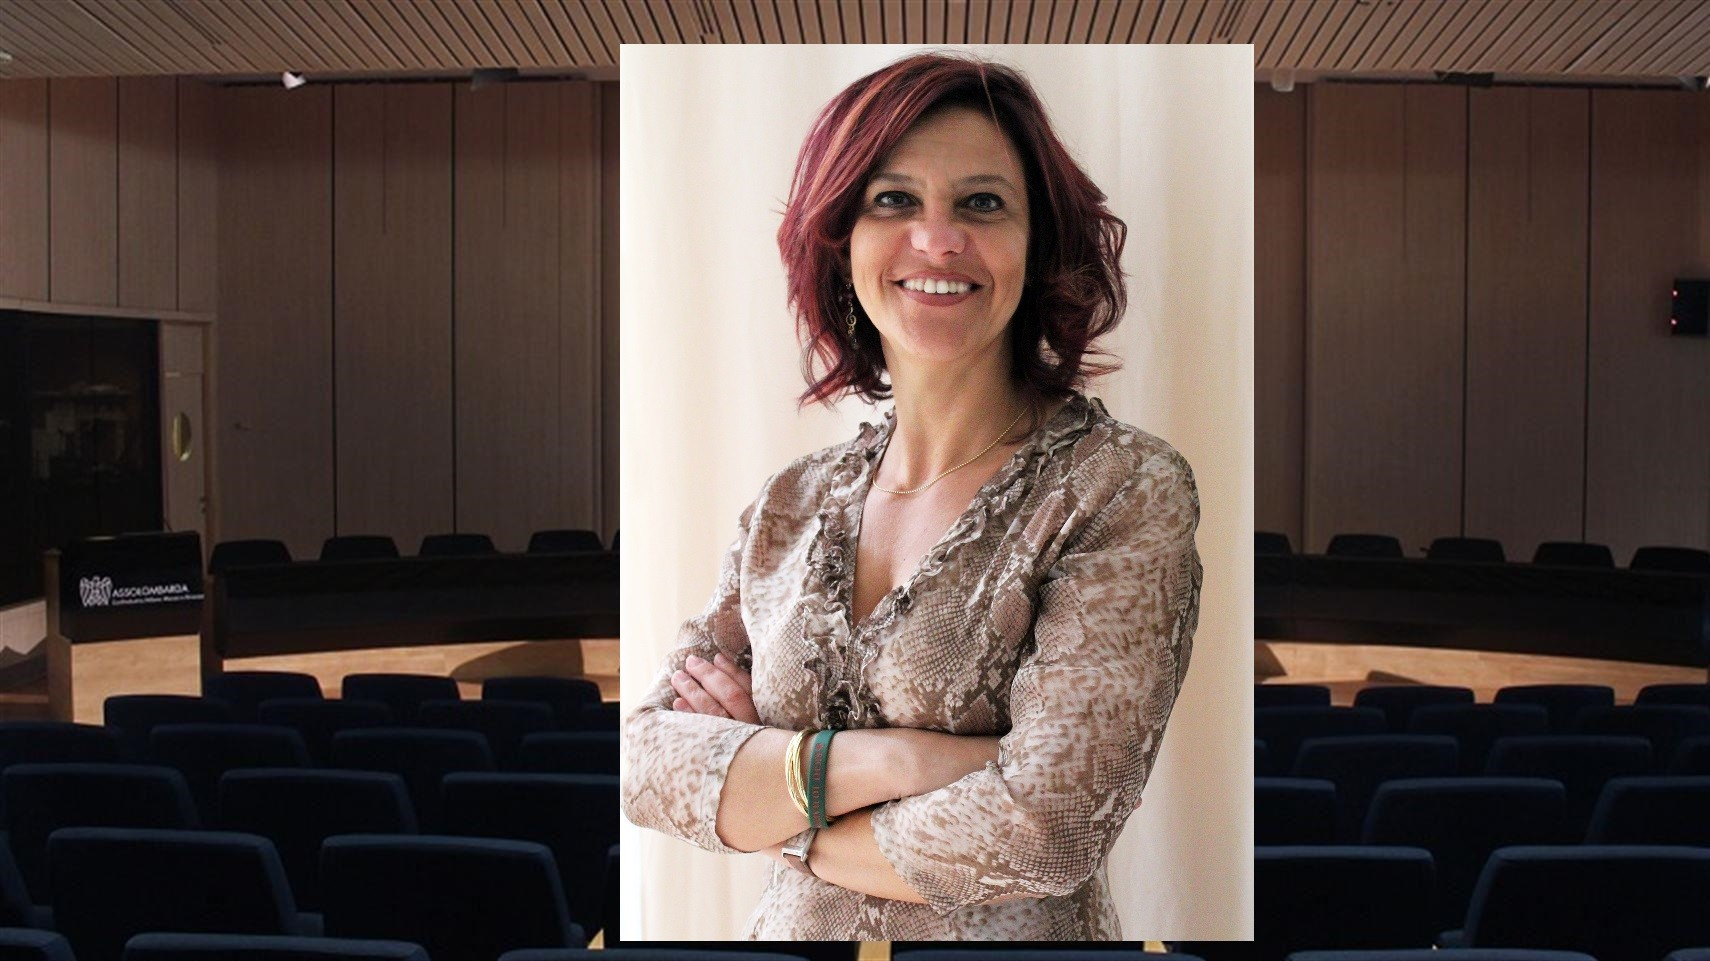 Laura Rocchitelli, Presidente e CEO di Rold, eletta presidente del Gruppo Meccatronici di Assolombarda.